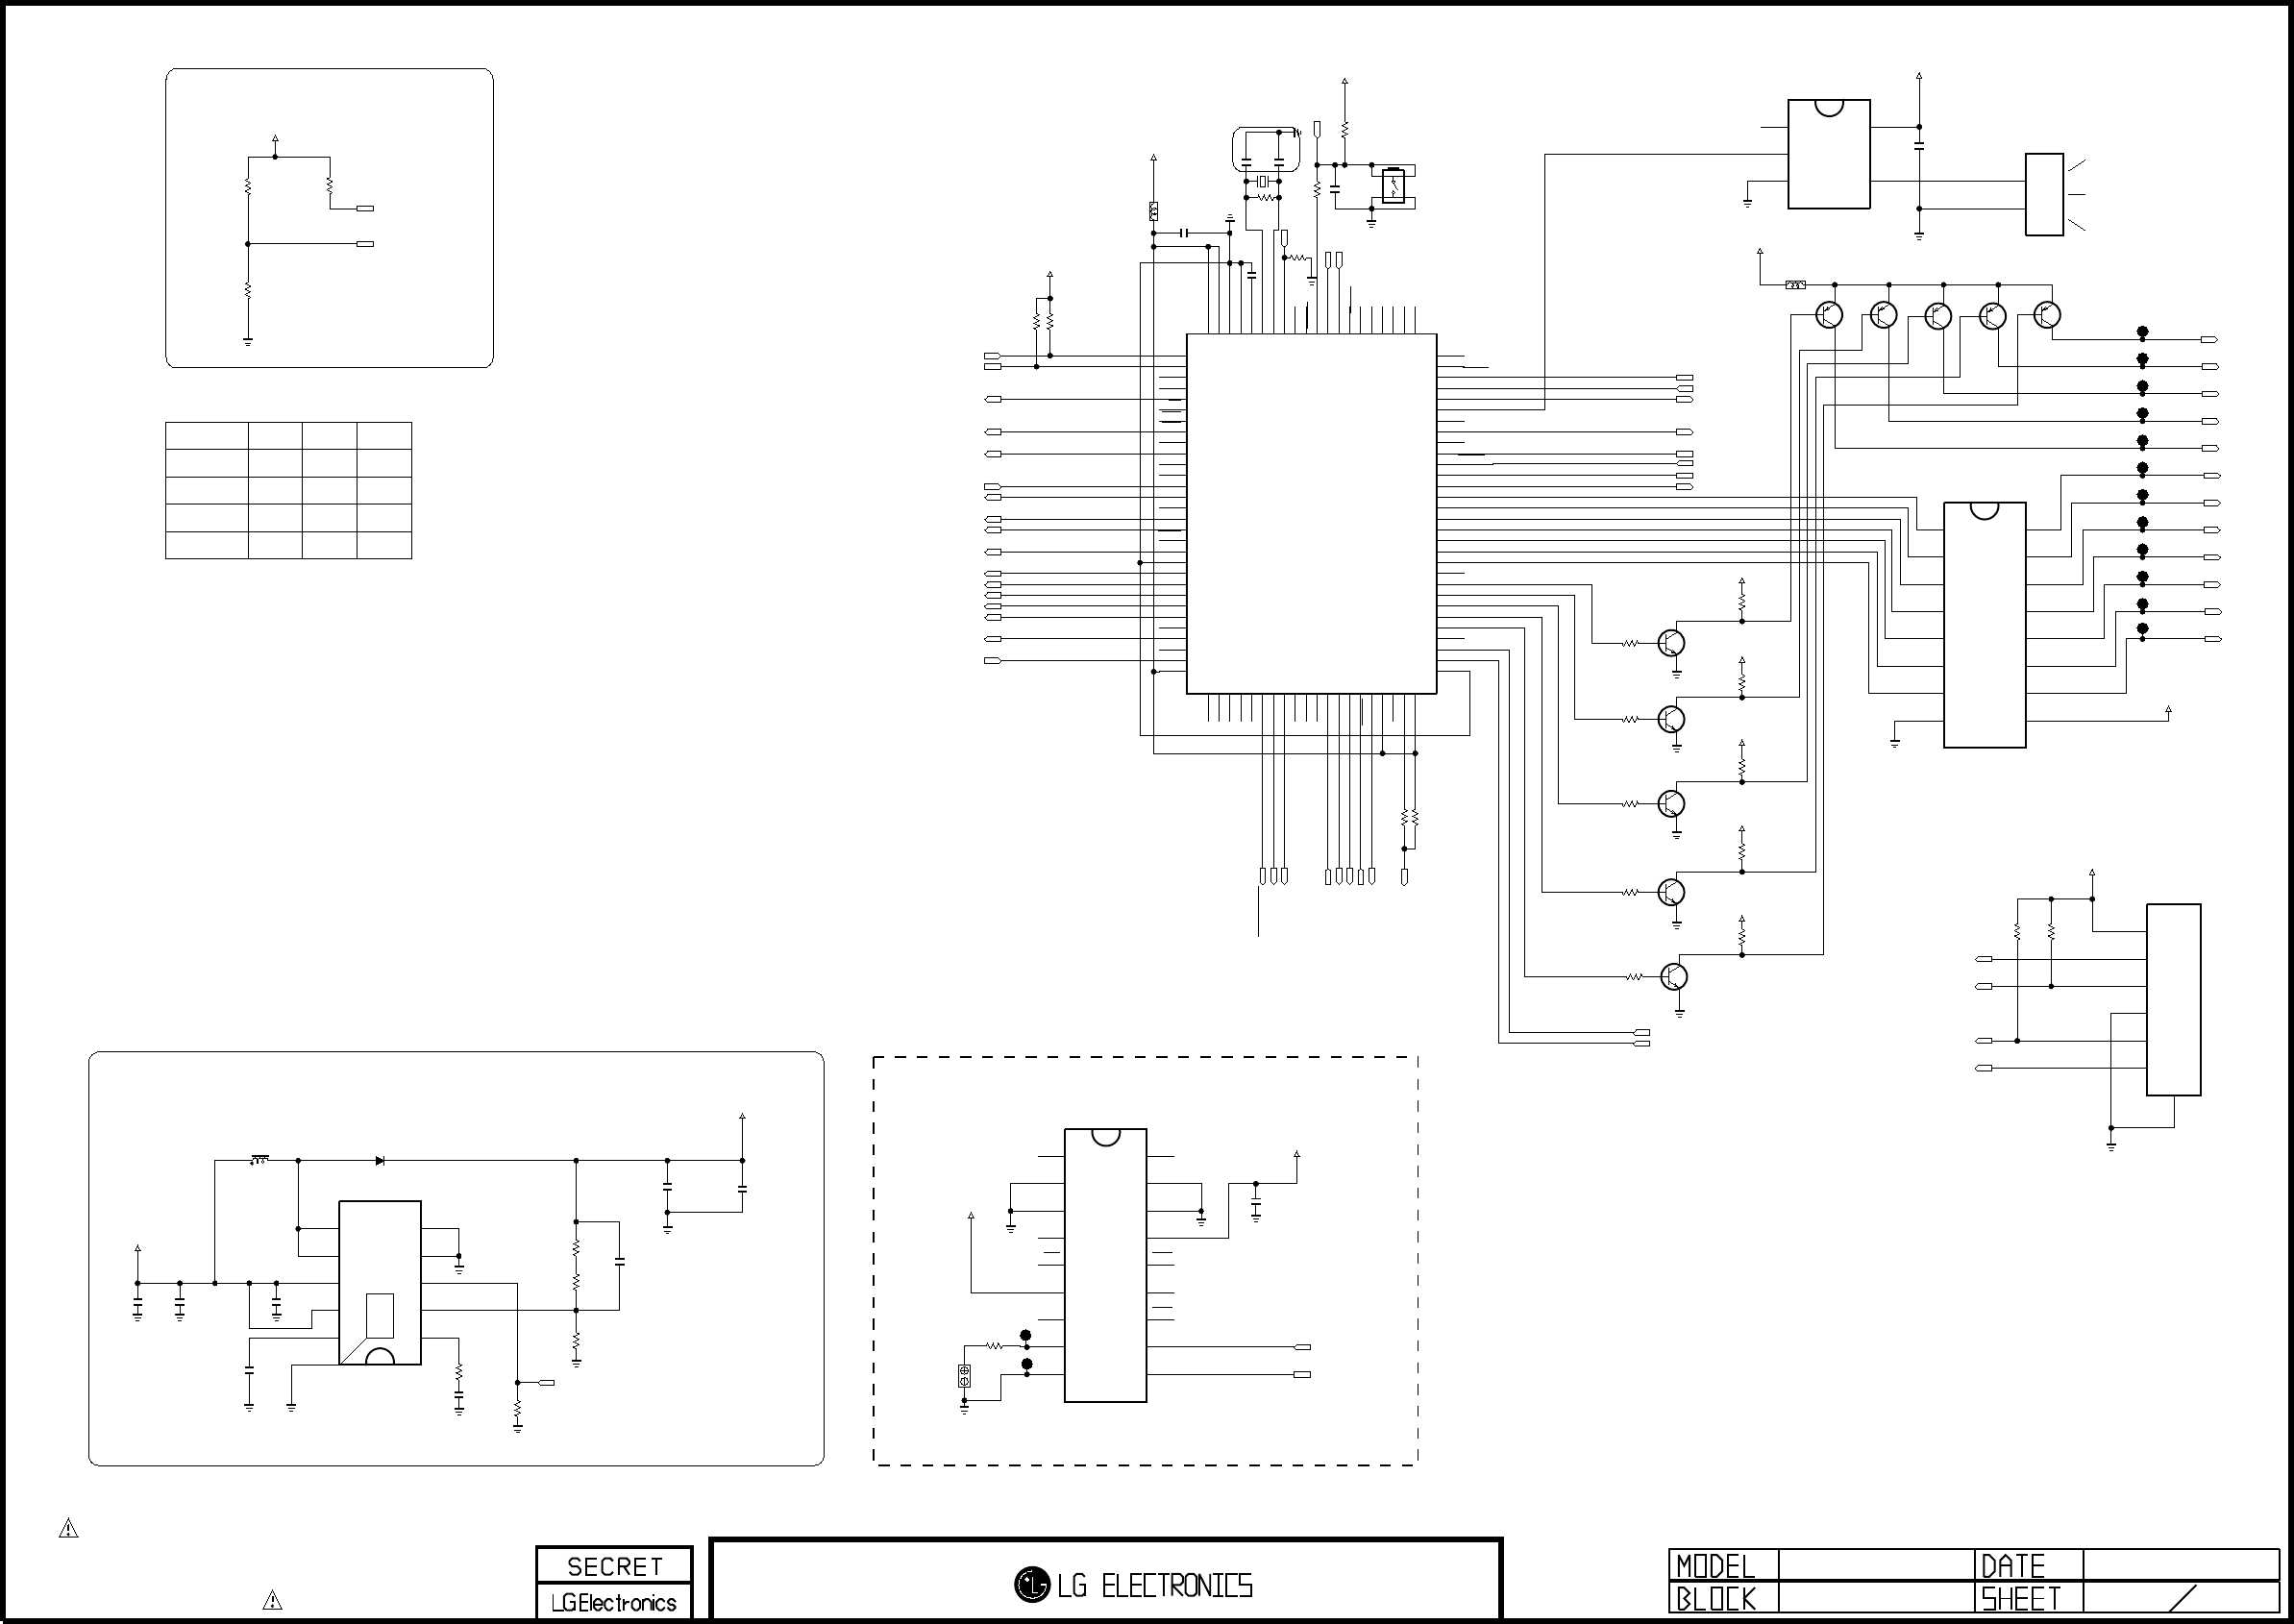 The symbol mark of this schemetic diagram incorporates